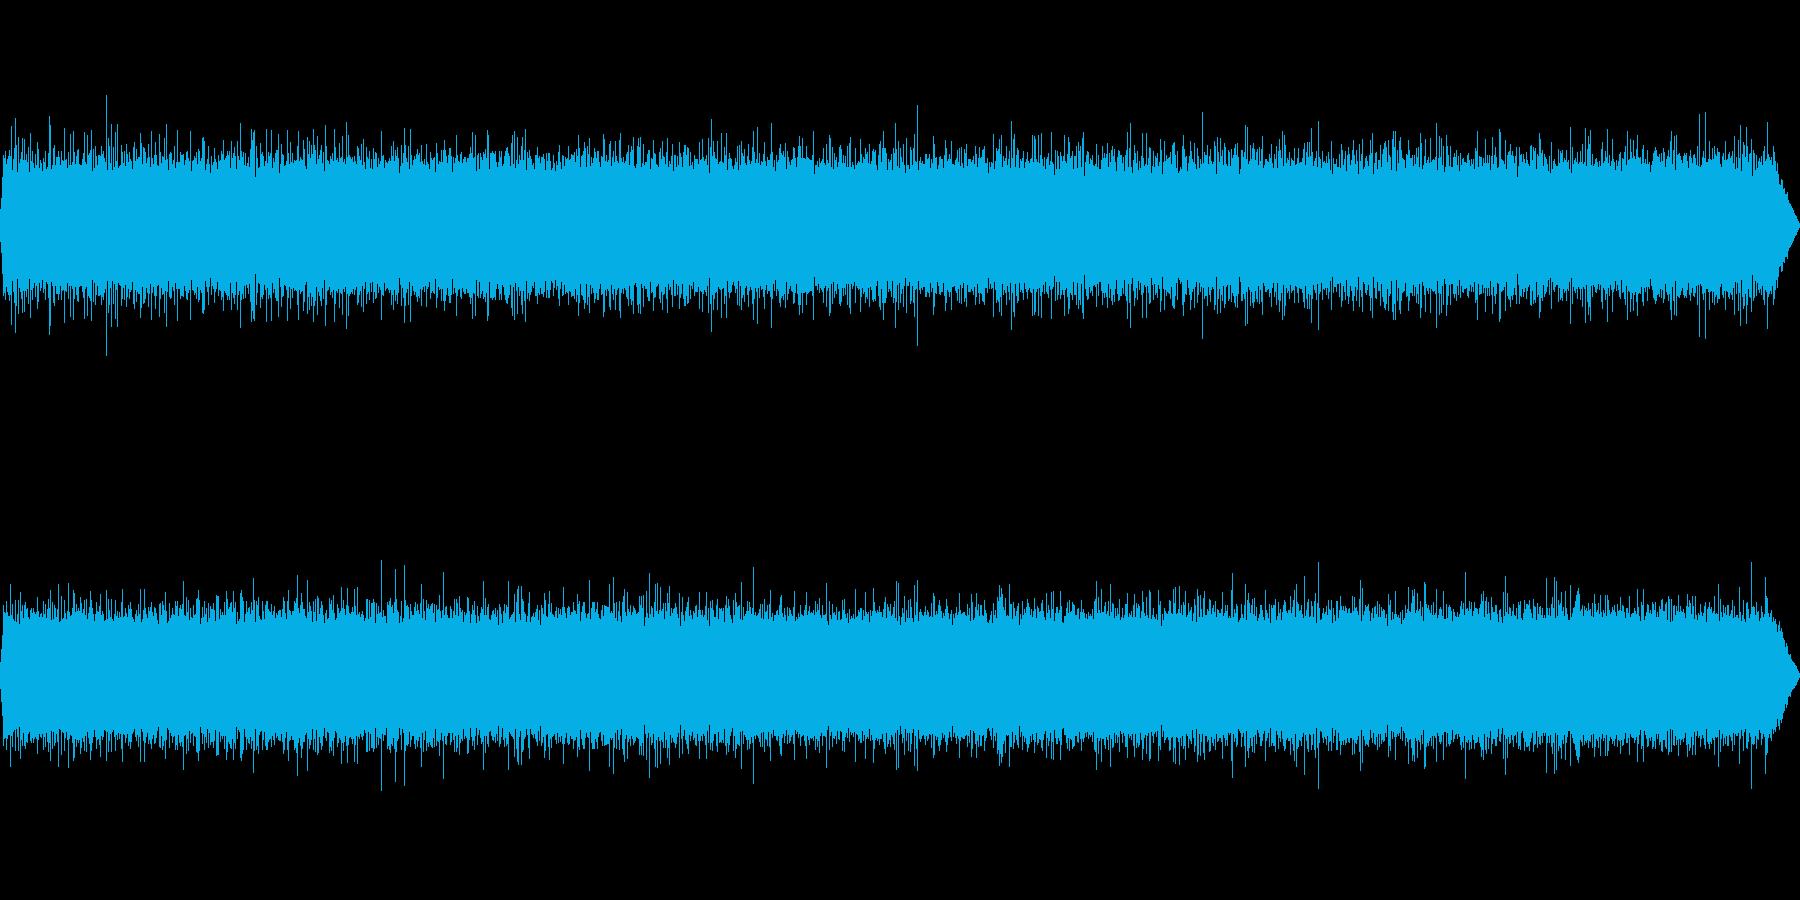 せせらぎの流れ-5(小川)の再生済みの波形